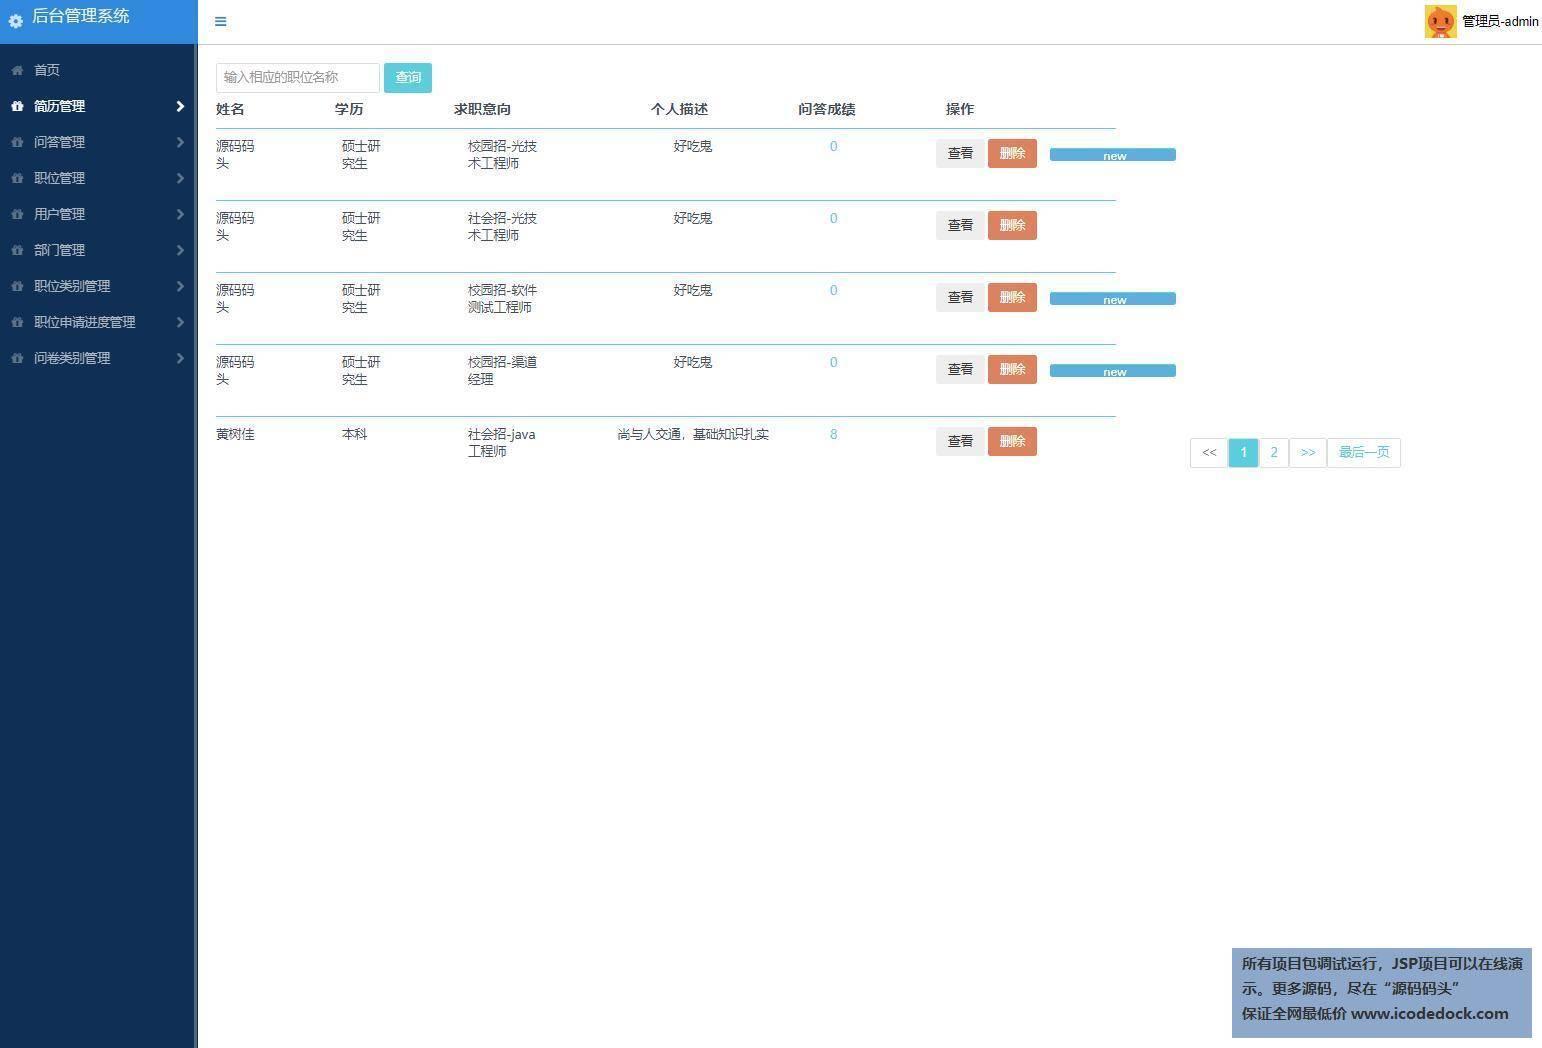 源码码头-SpringBoot招聘网站项目-管理员角色-简历管理